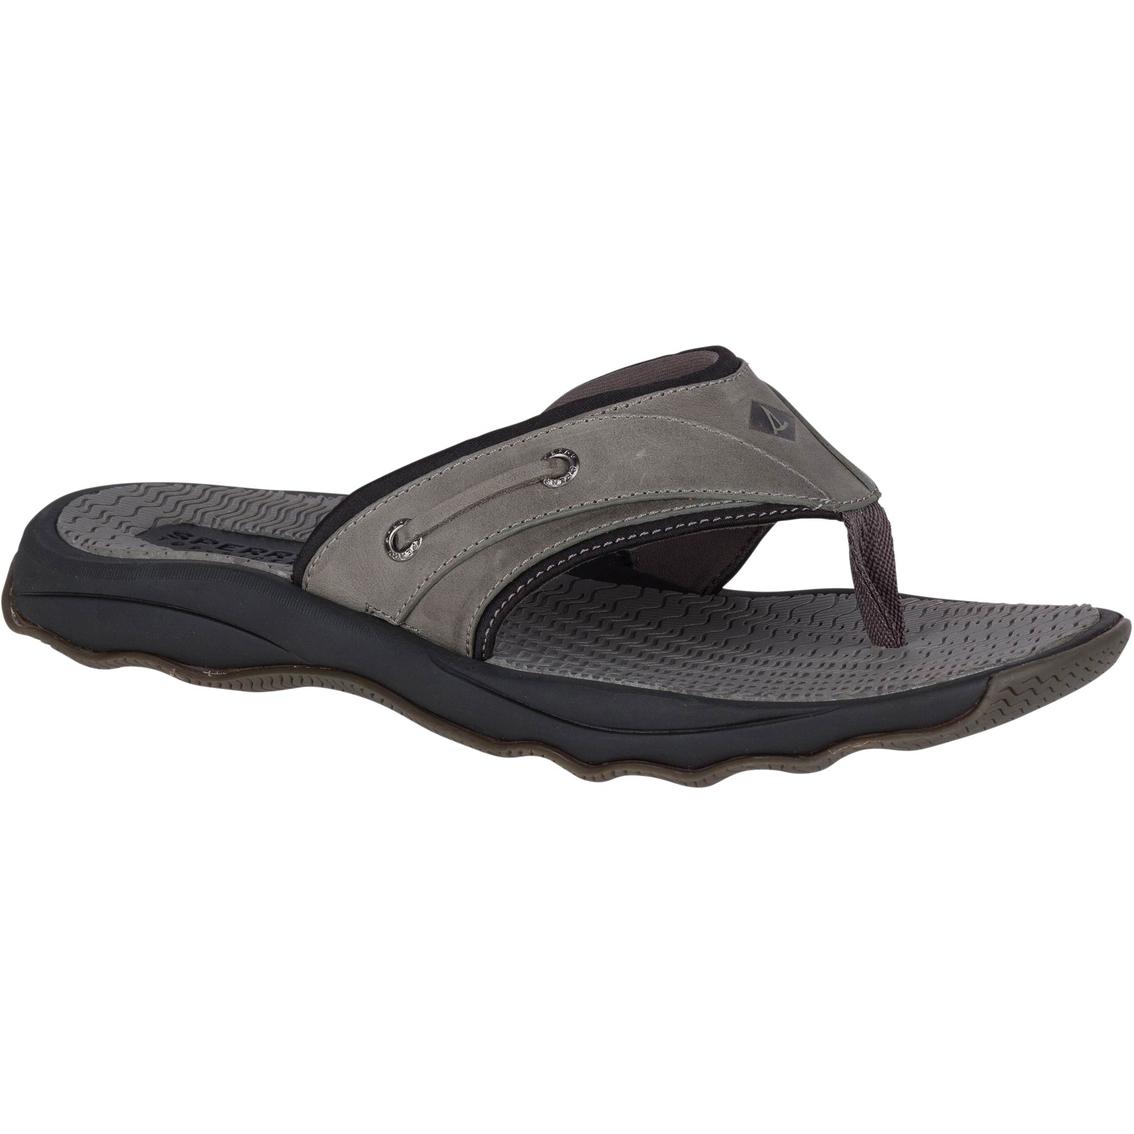 Outer Banks Flip Flop Sandals | Sandals